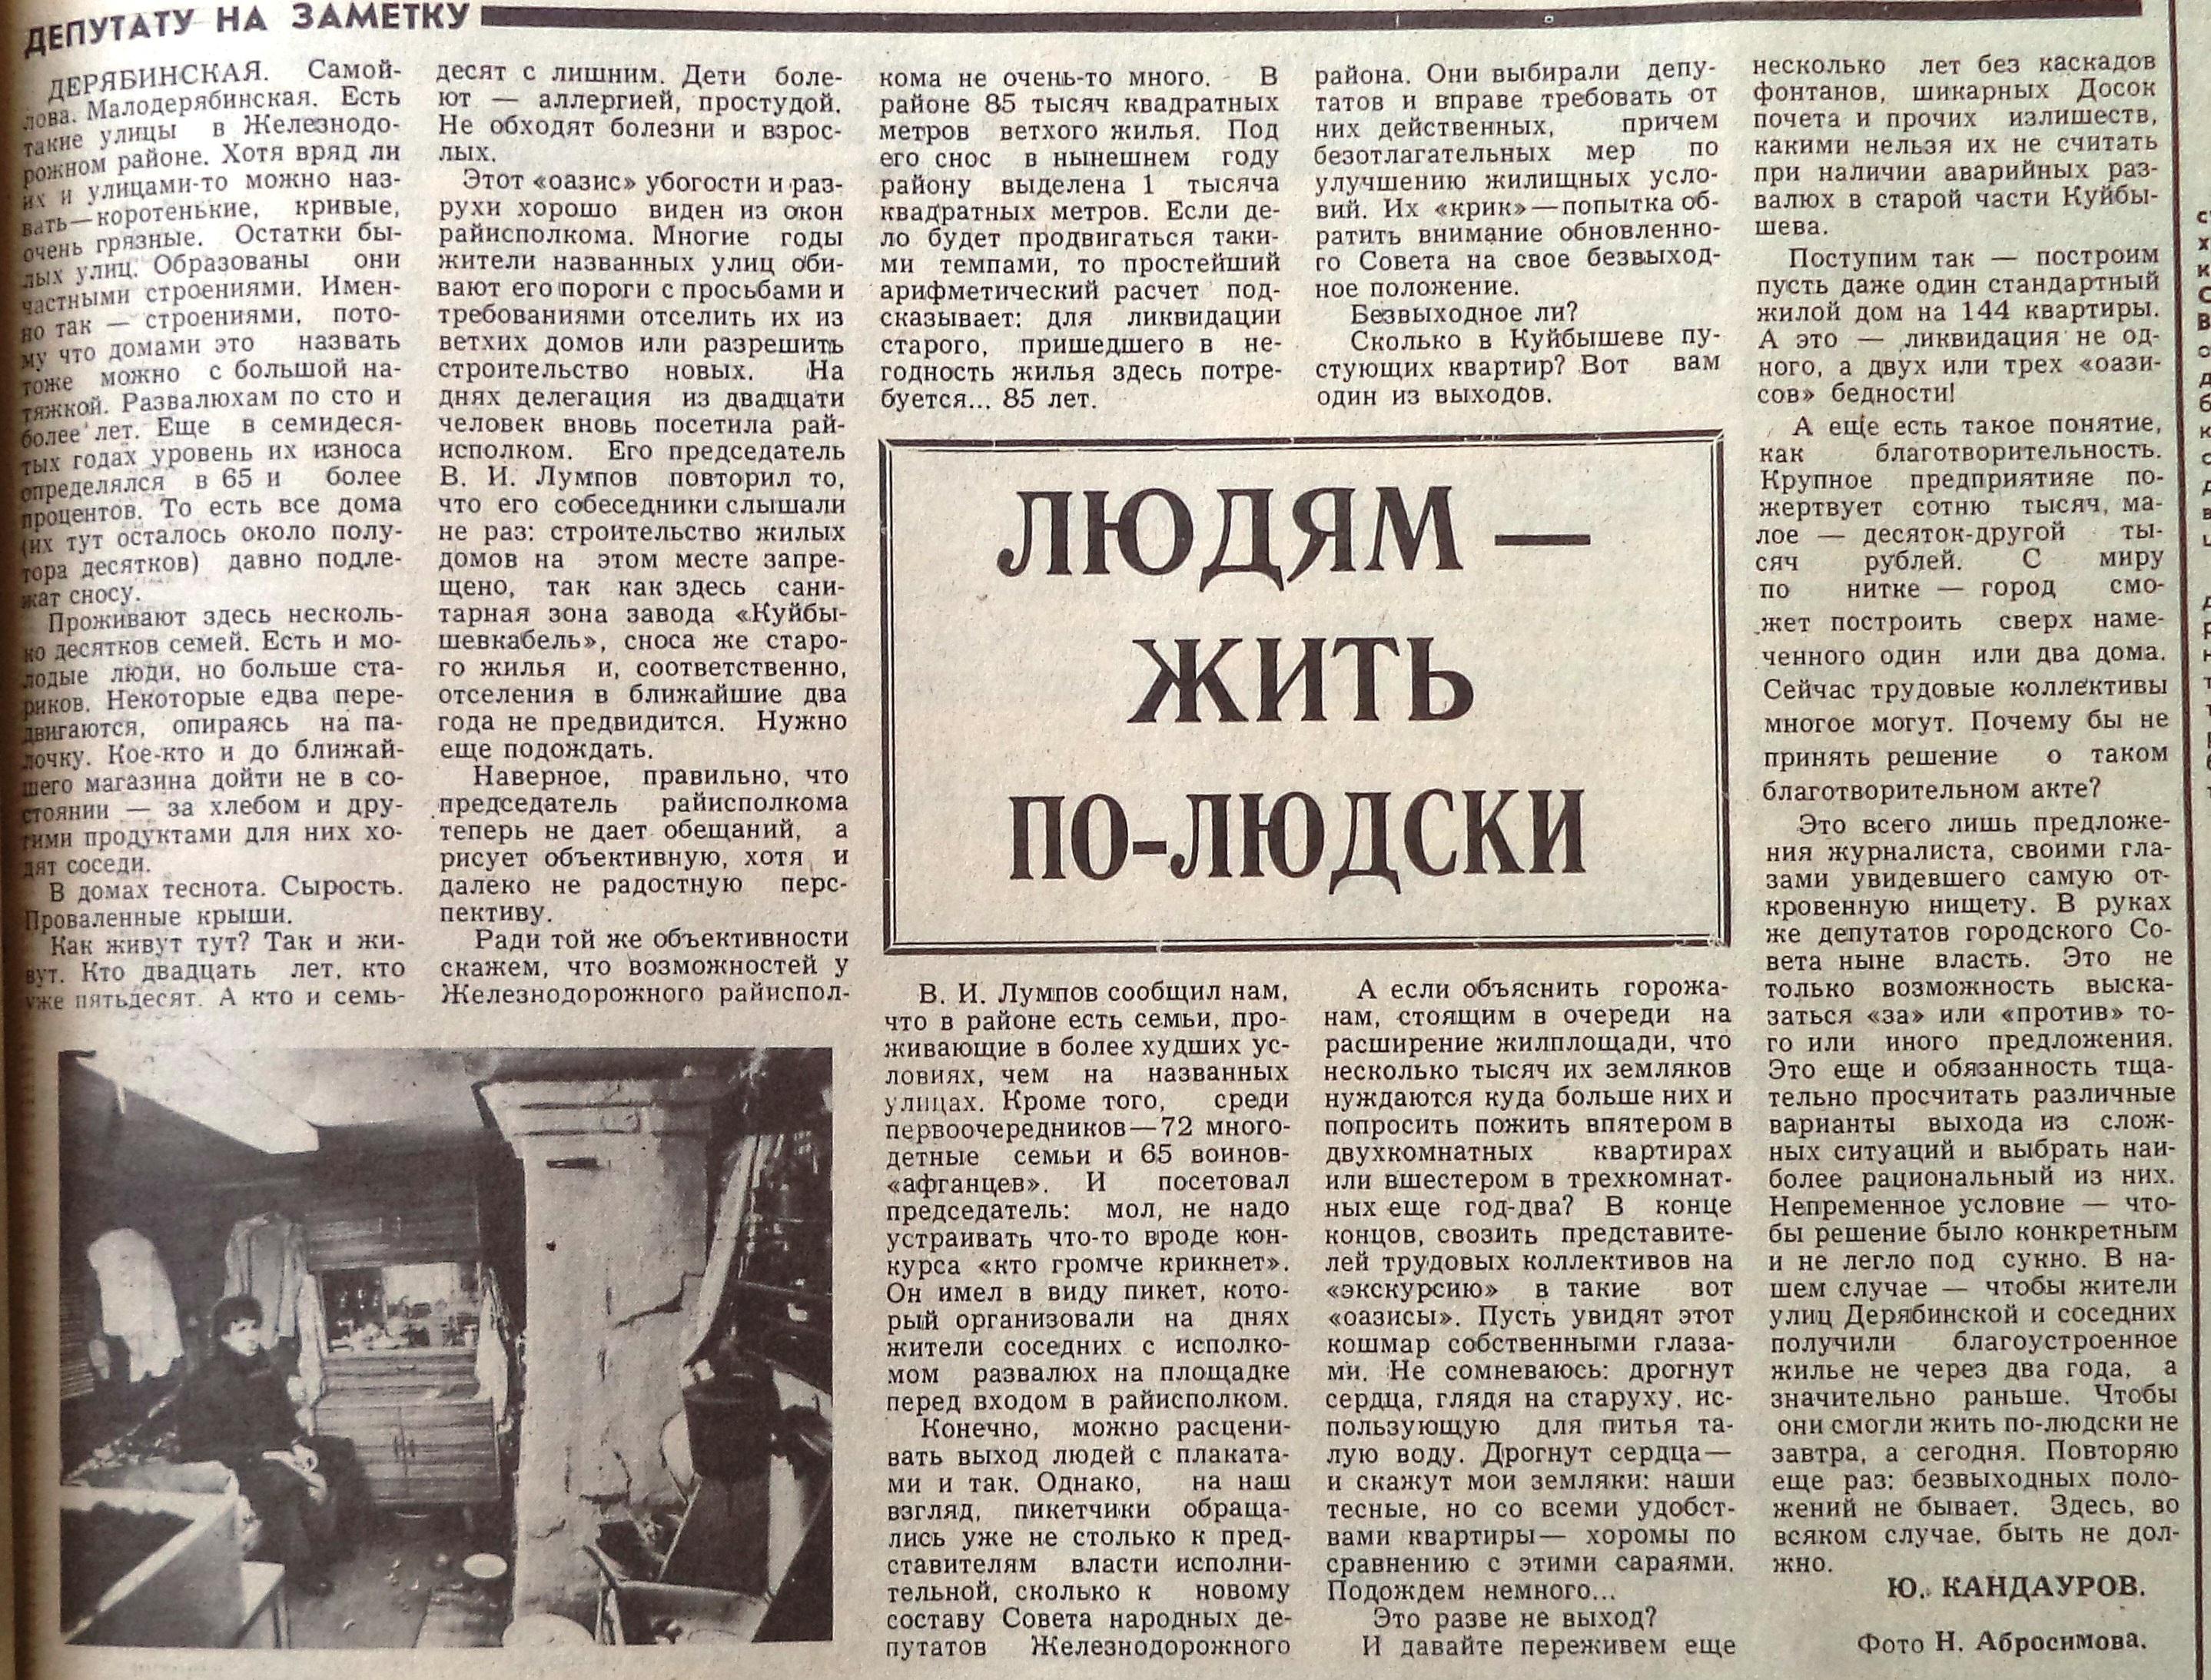 Дерябинская-ФОТО-07-ВЗя-1990-04-20-неблаг-во в р-не Деряб. и Самойл. - копия